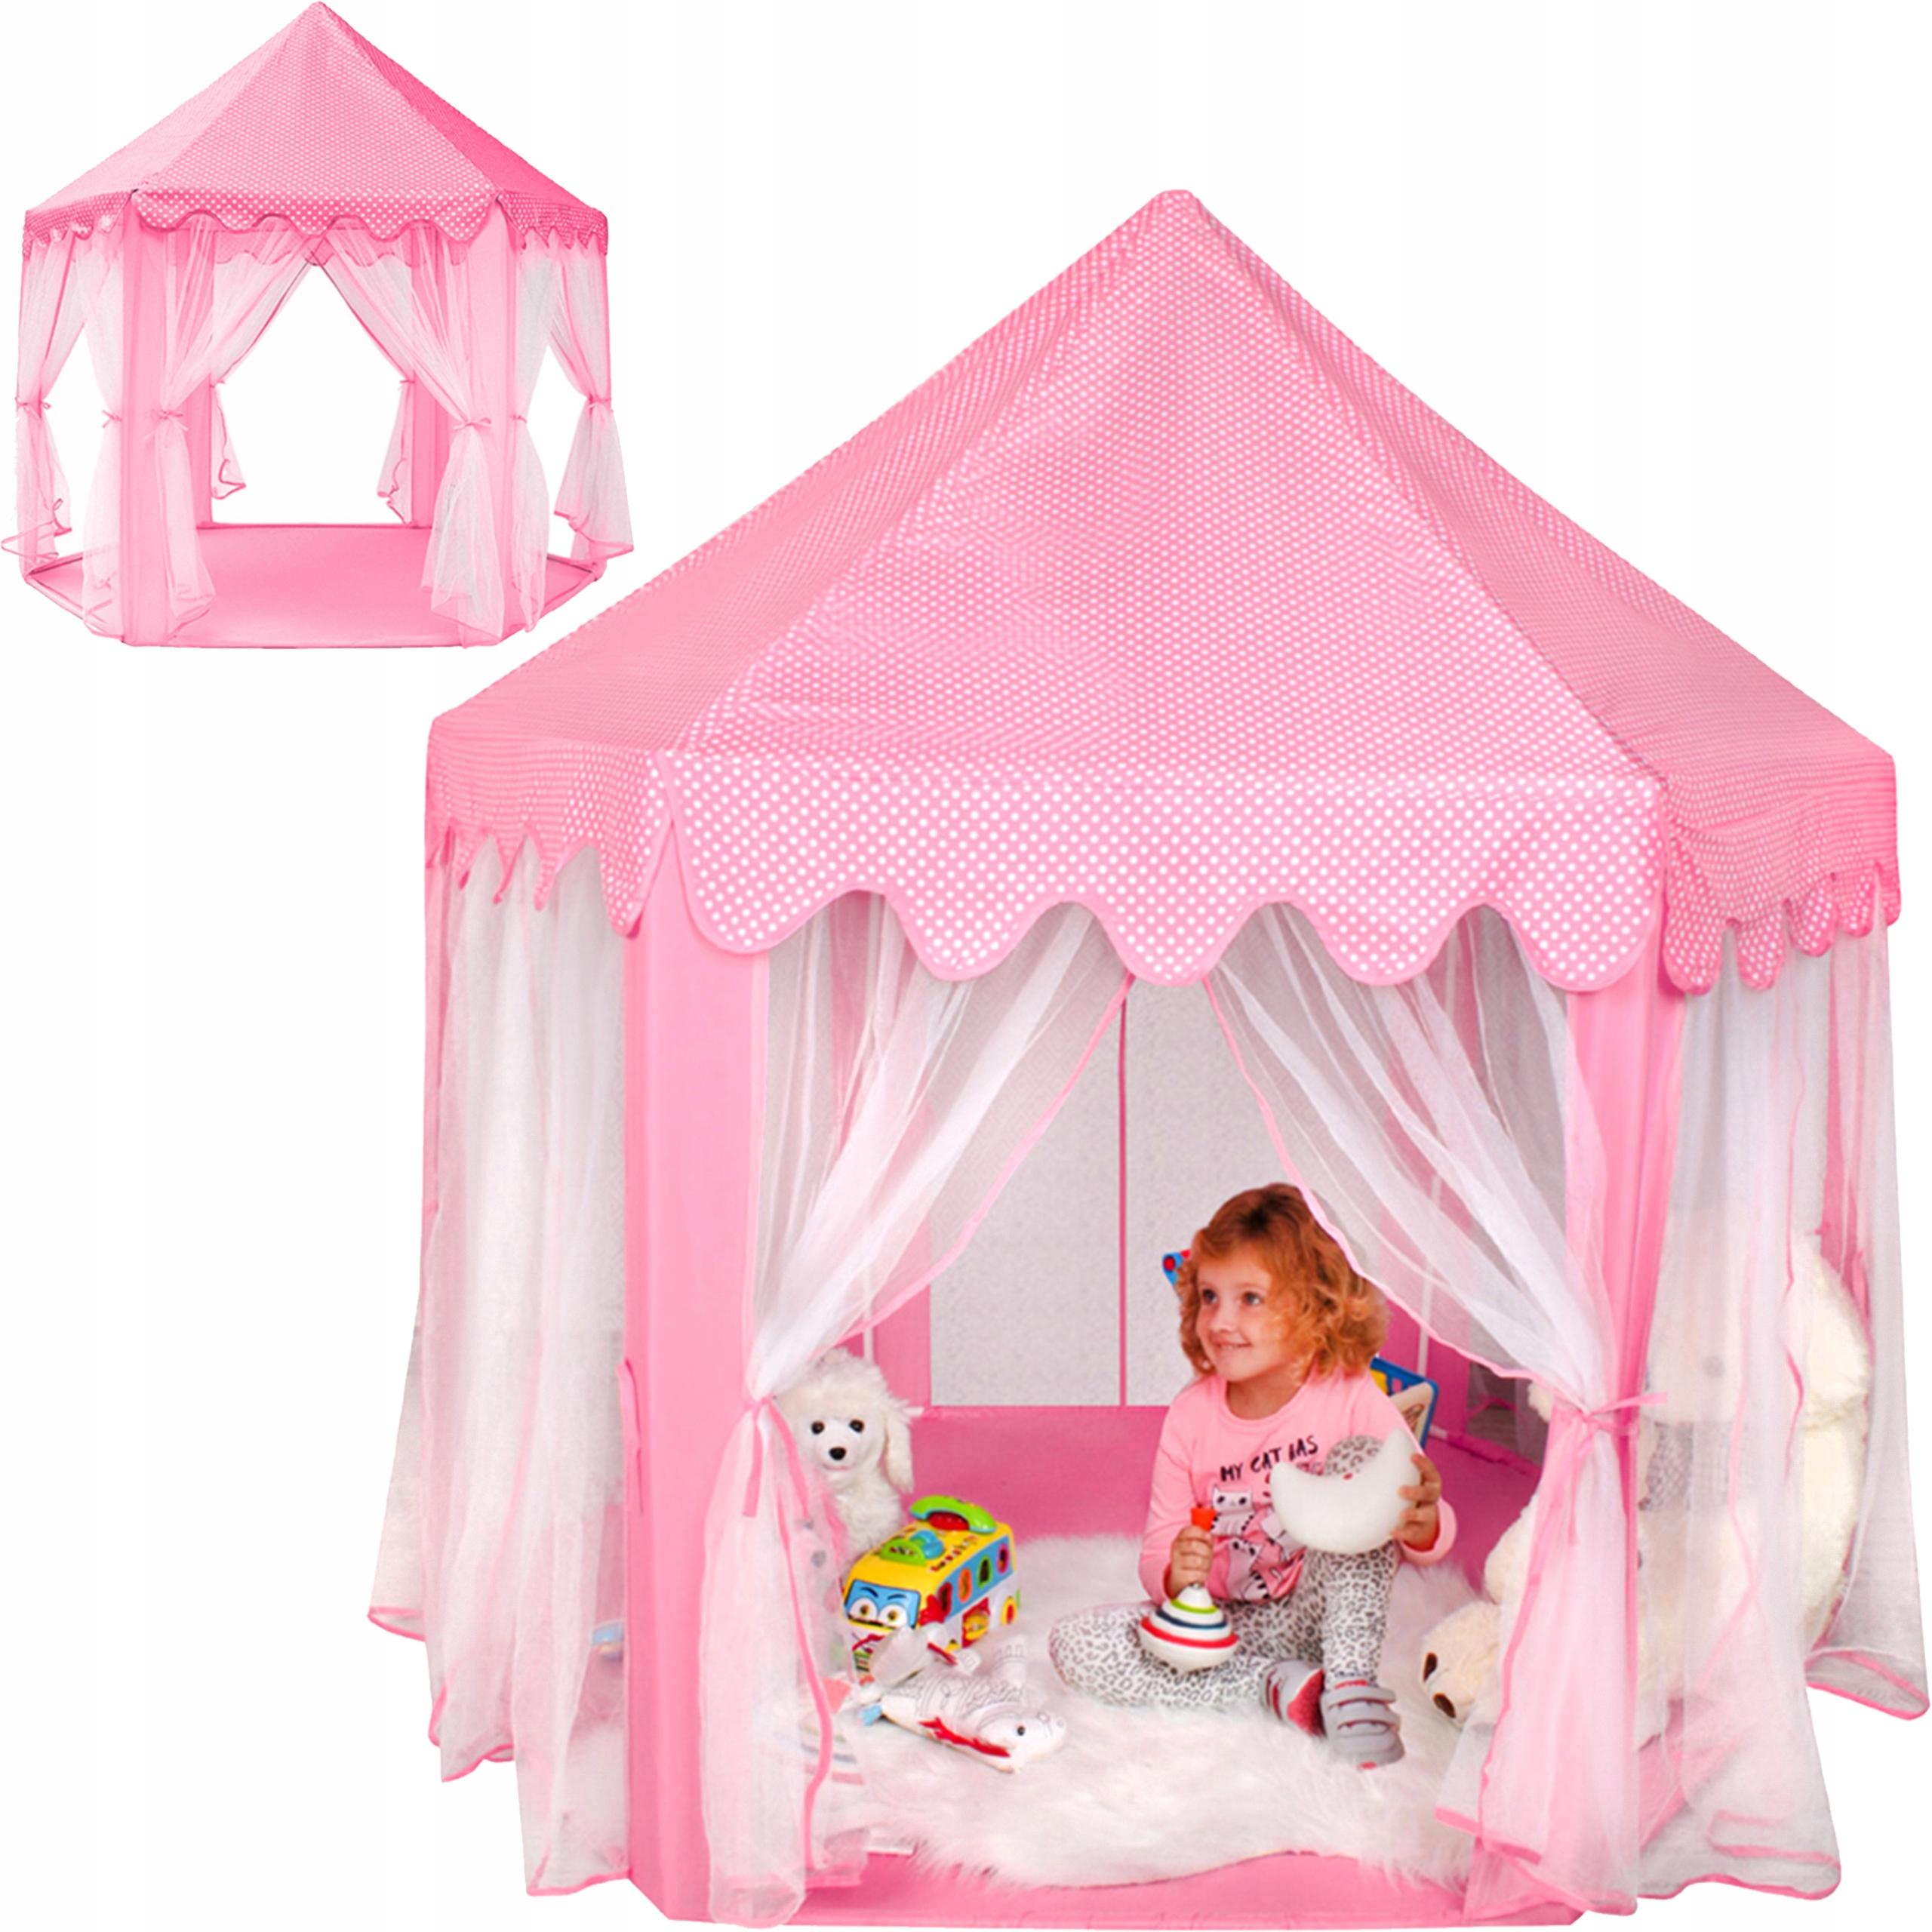 Палаточный дом. Замок для детей. Дворец к дому.